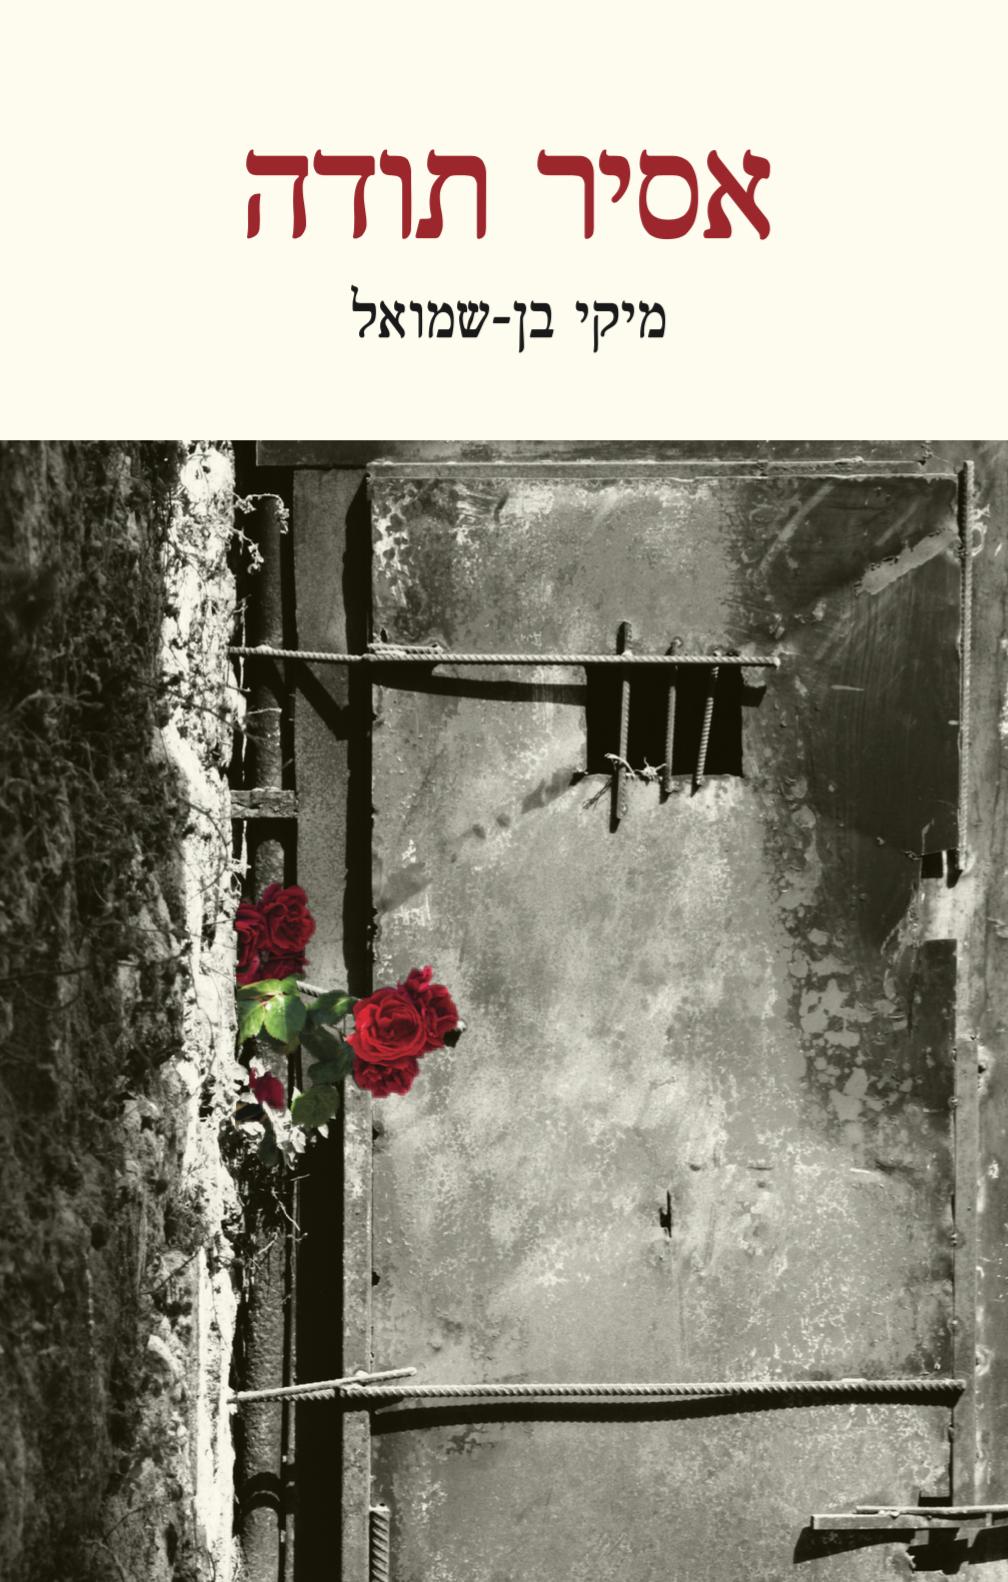 אסיר תודה / מיקי בן שמואל -  ראה אור בהוצאת הספרים של סטימצקי